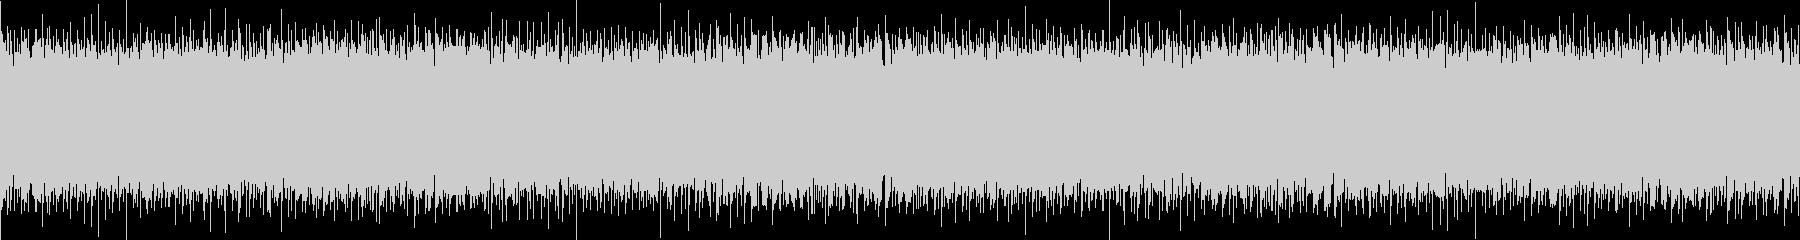 【テクノ■幻想的なピアノ旋律(ループ)】の未再生の波形